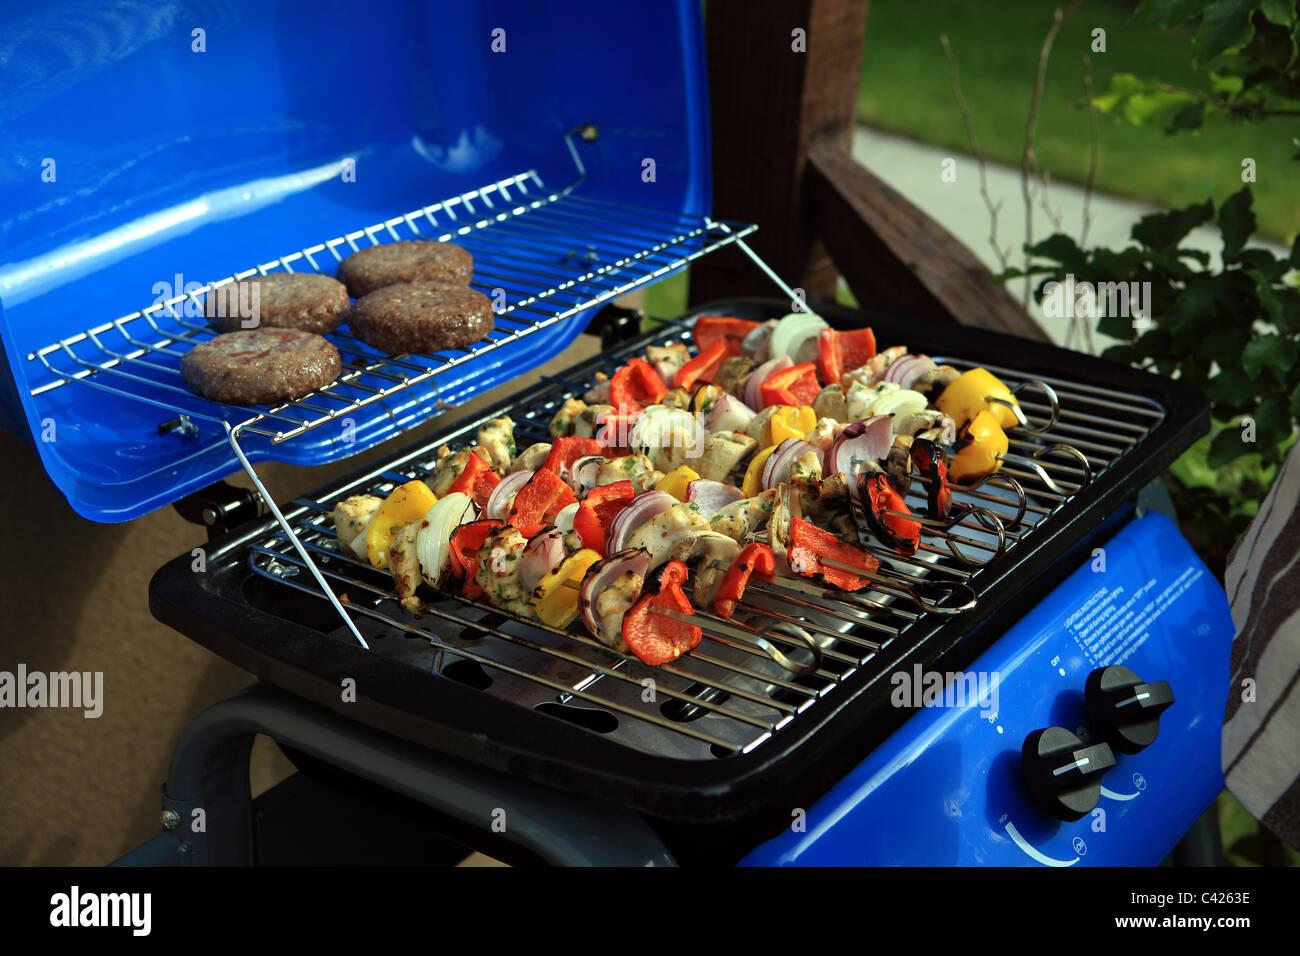 Un barbecue avec des légumes sur les brochettes et les burgers Photo Stock